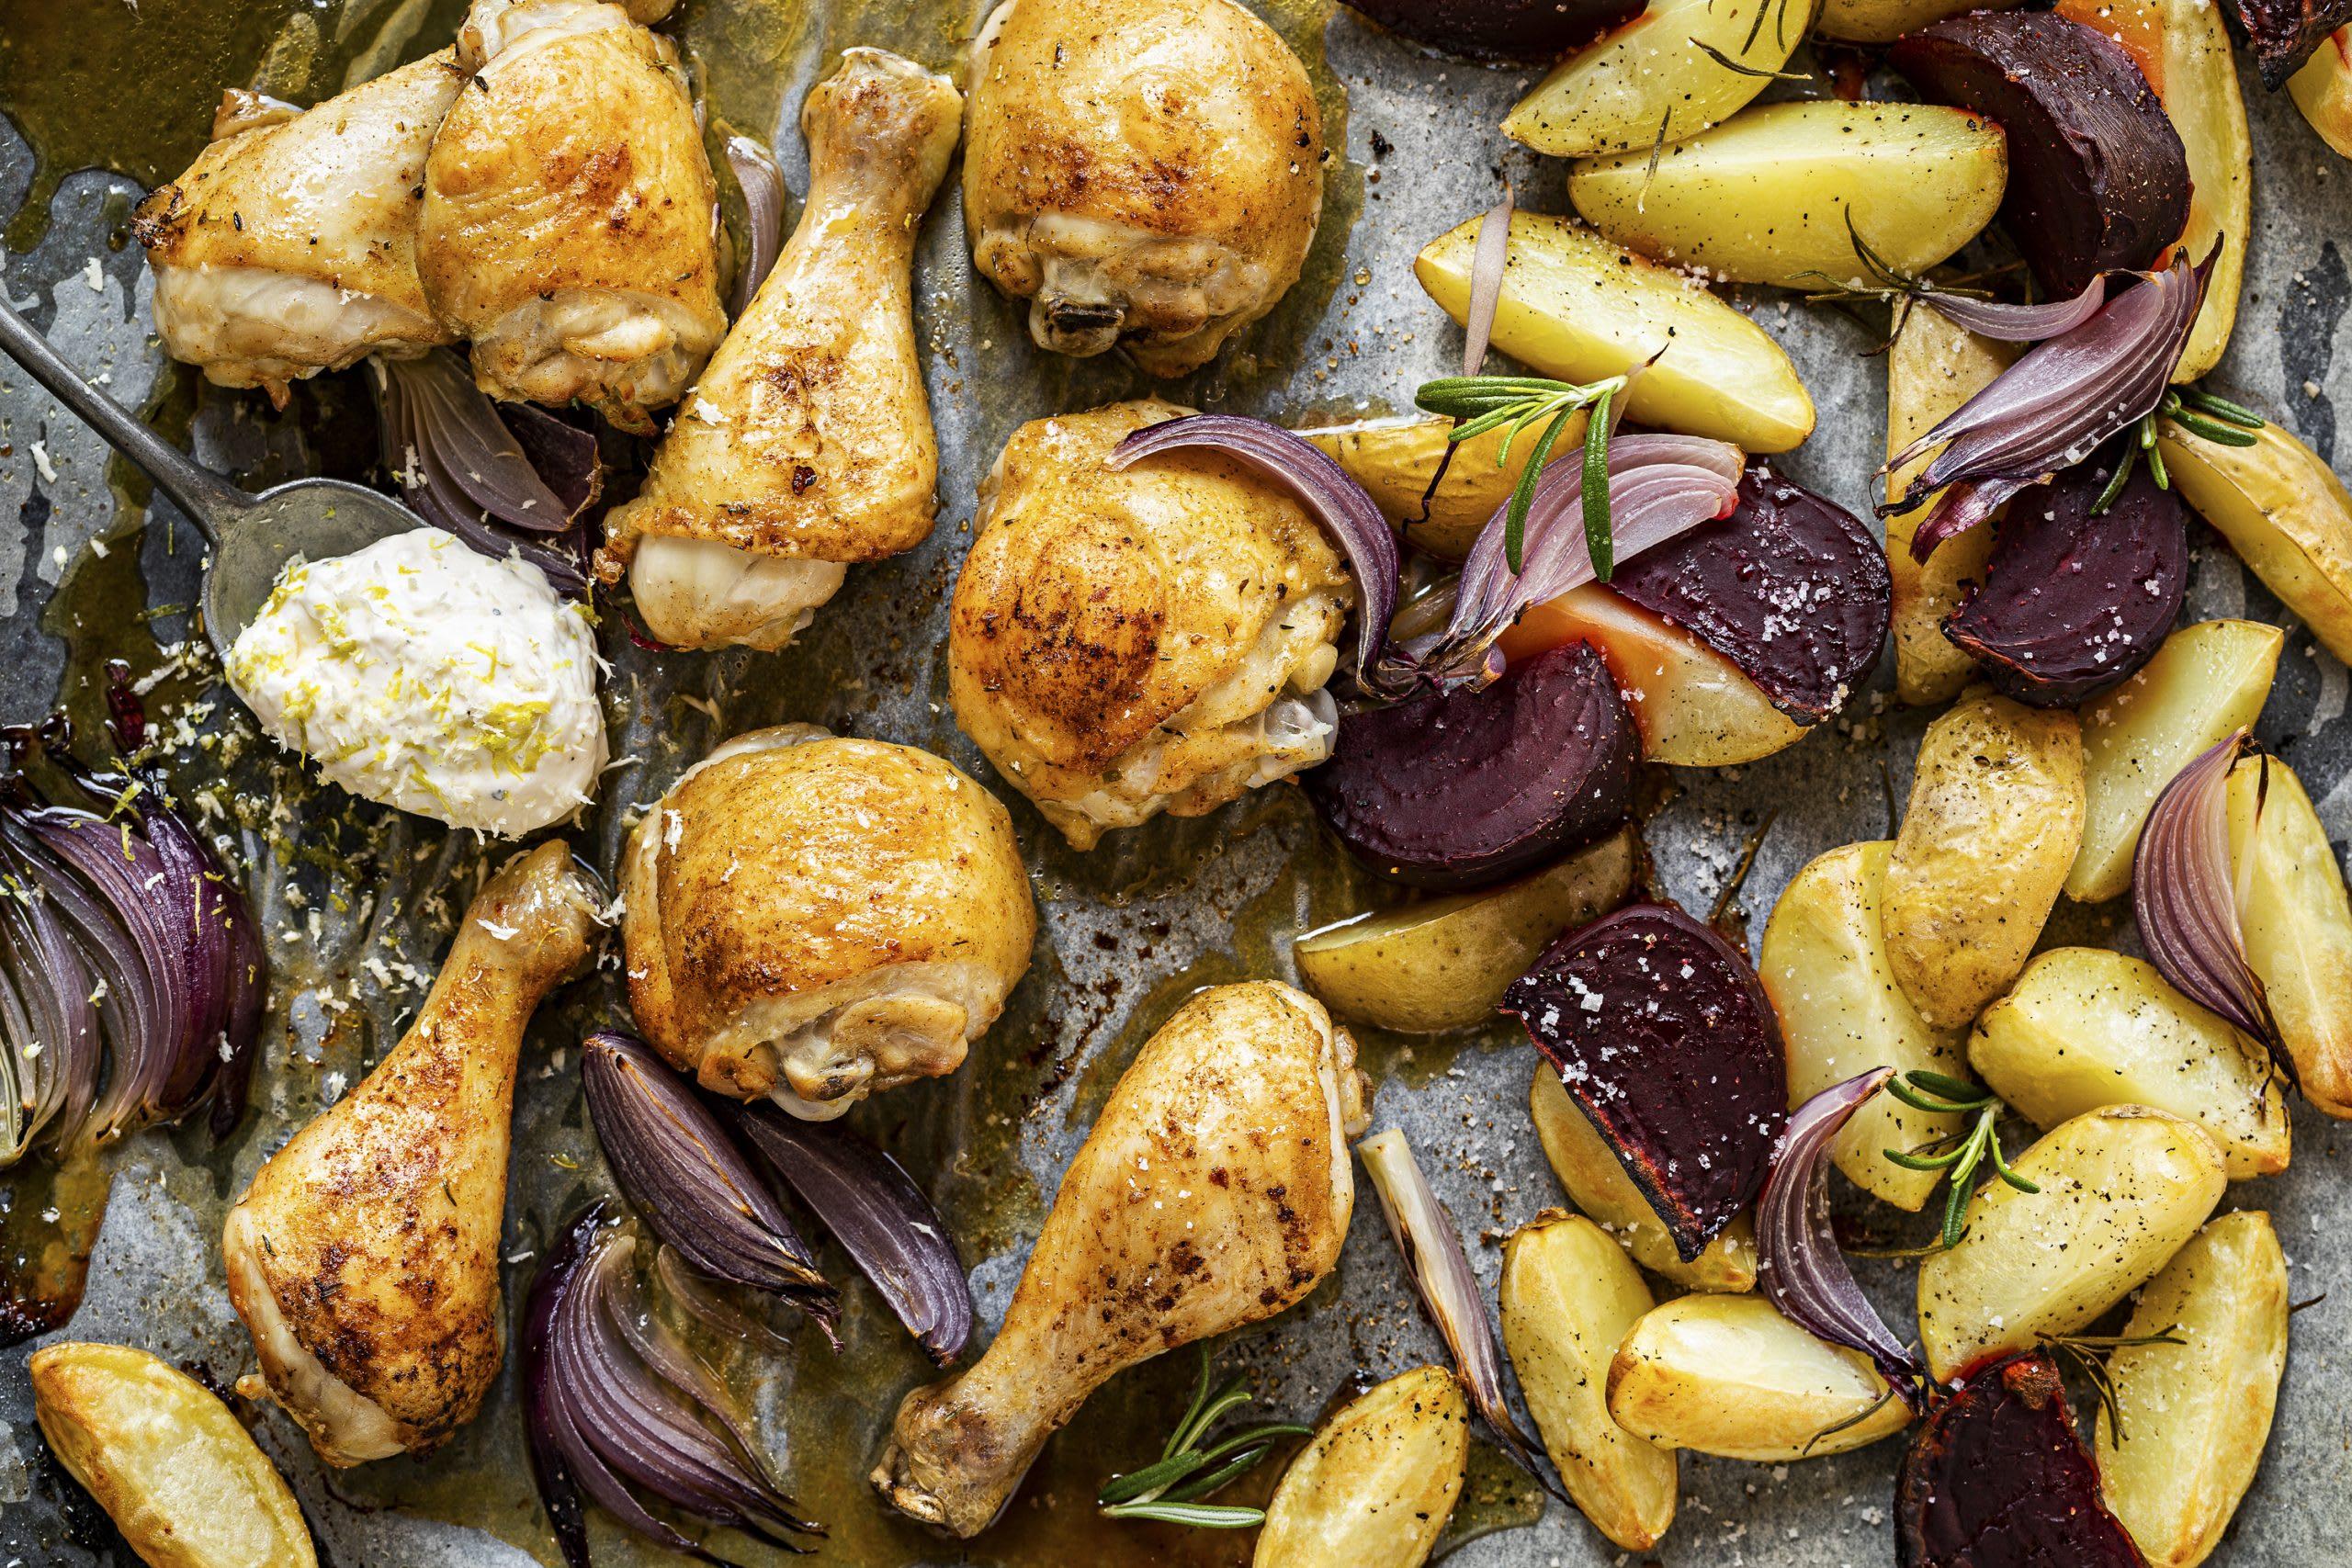 Caramelisiertes Ofen-Poulet mit Randen und Wedges